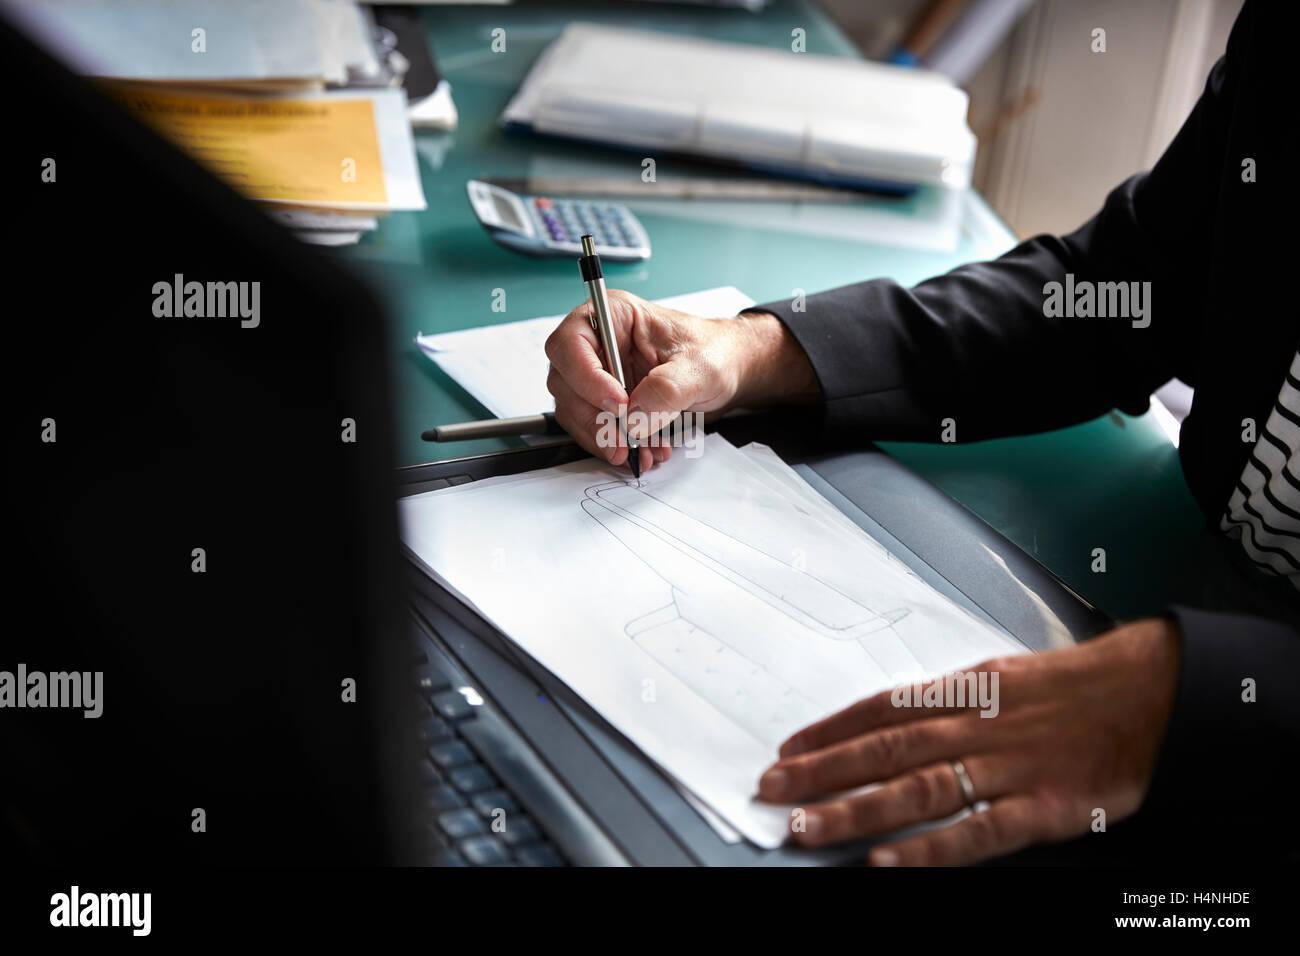 Un uomo seduto alla scrivania in ufficio, disegnare, progettare e schizzi. Foto Stock